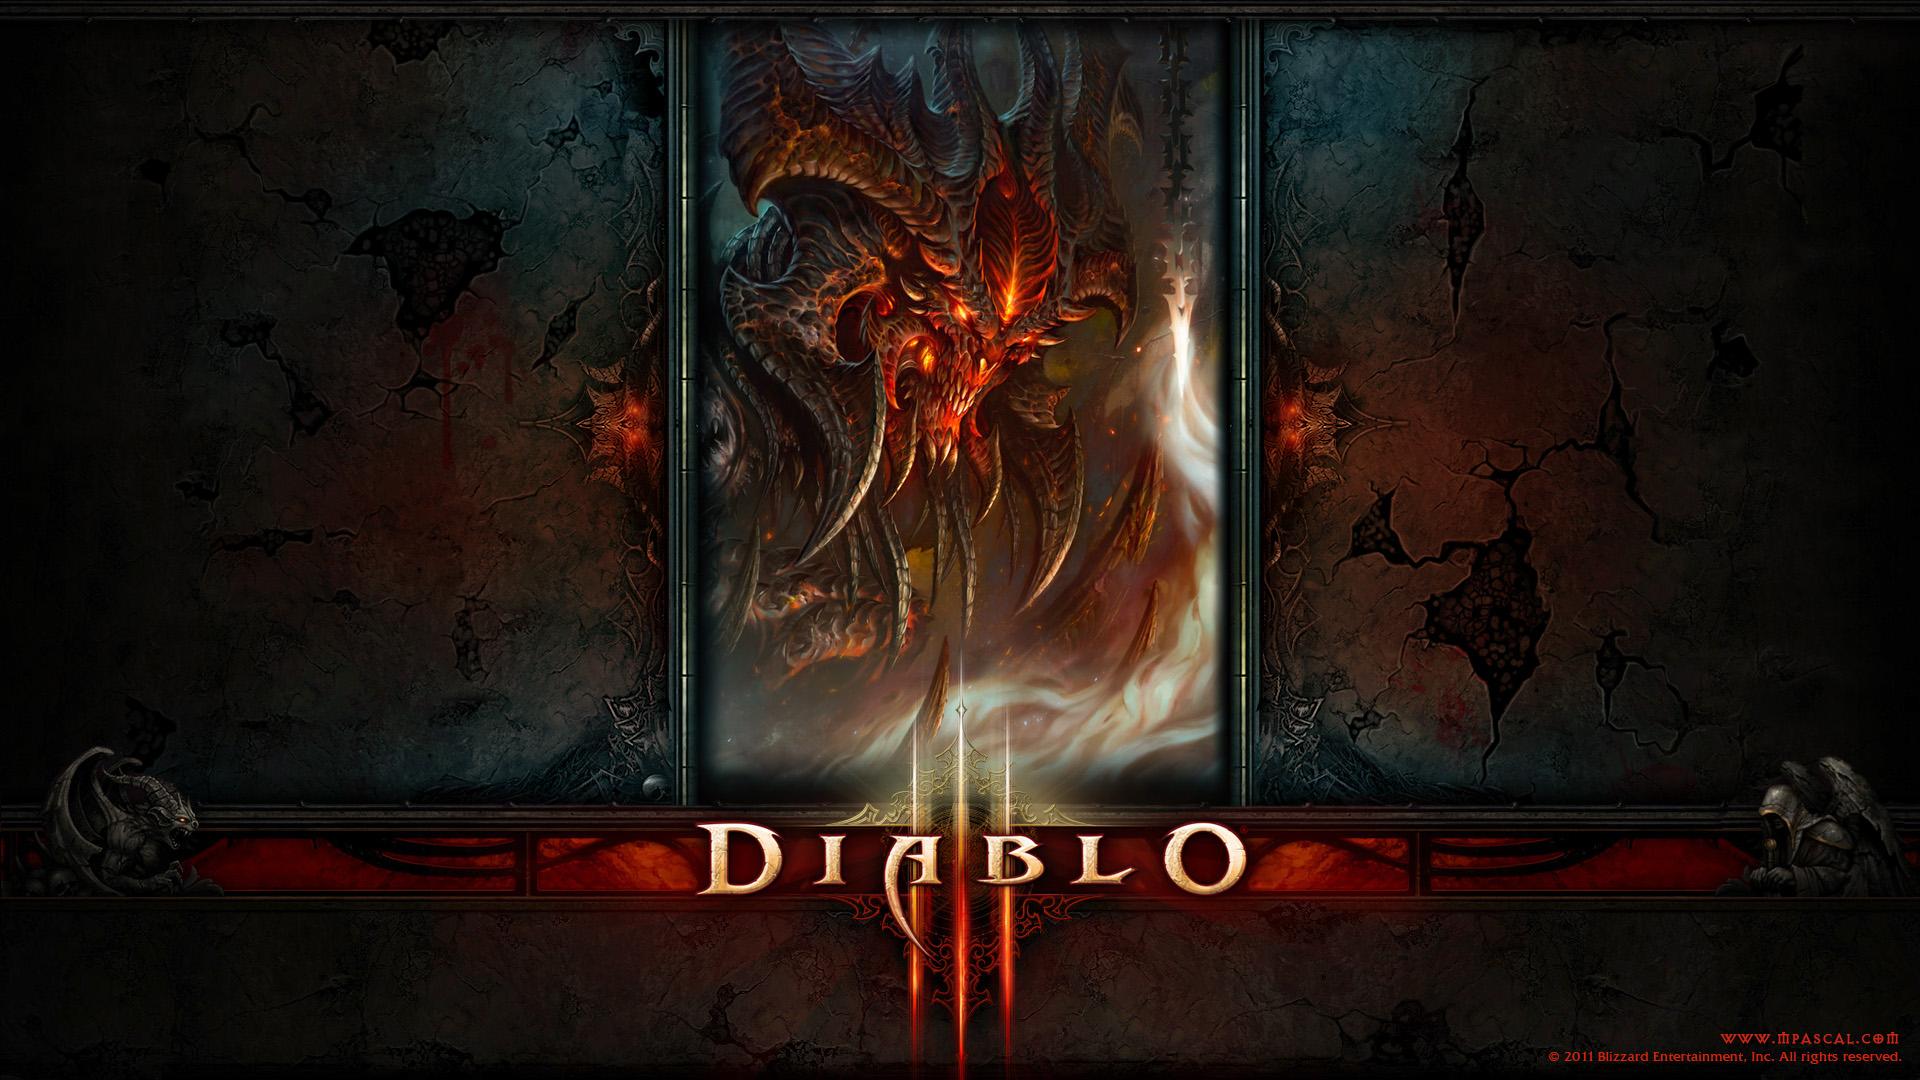 diablo 3 diablo wallpaper by panperkin on deviantart